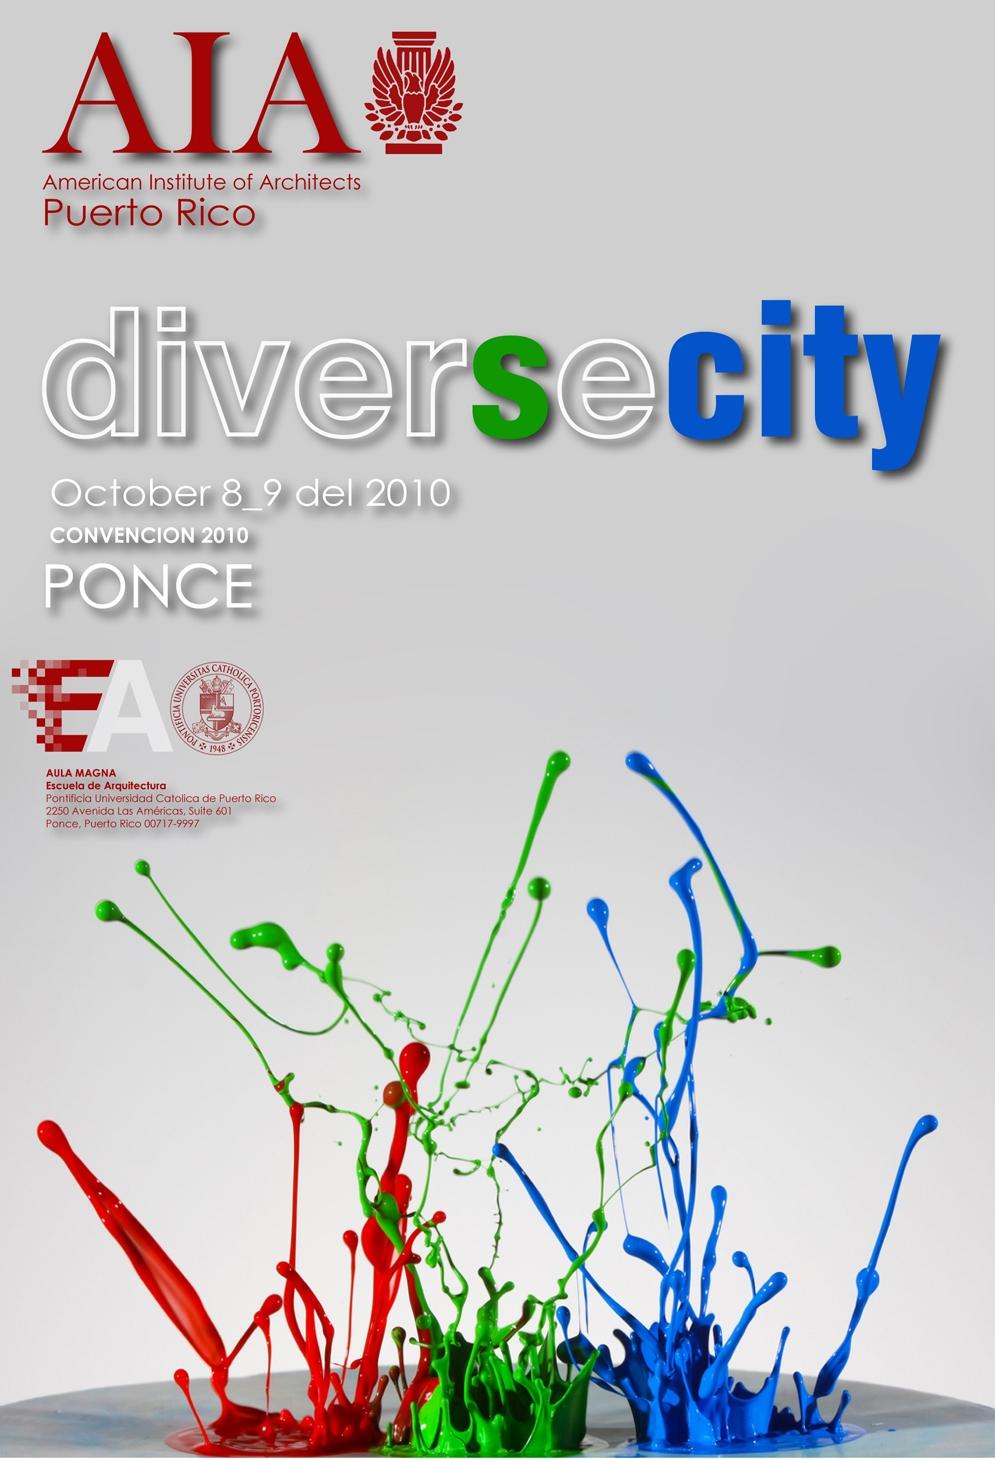 arquillano Diversecity: Convención AIA 2010